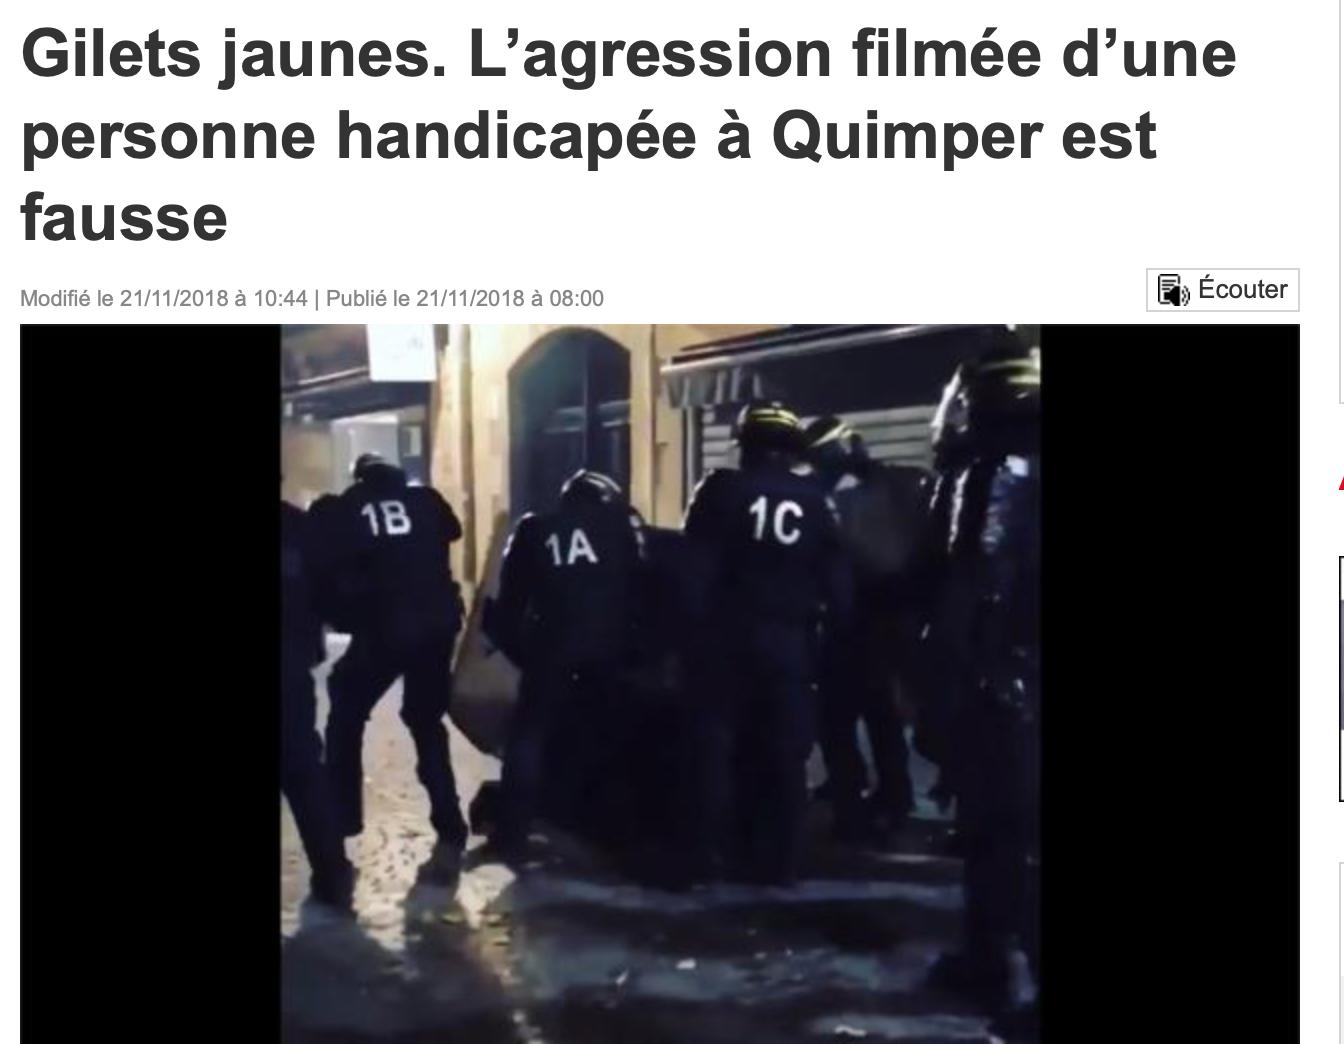 Quimper : des gauchistes voulaient faire croire que des CRS avaient attaqué un handicapé !